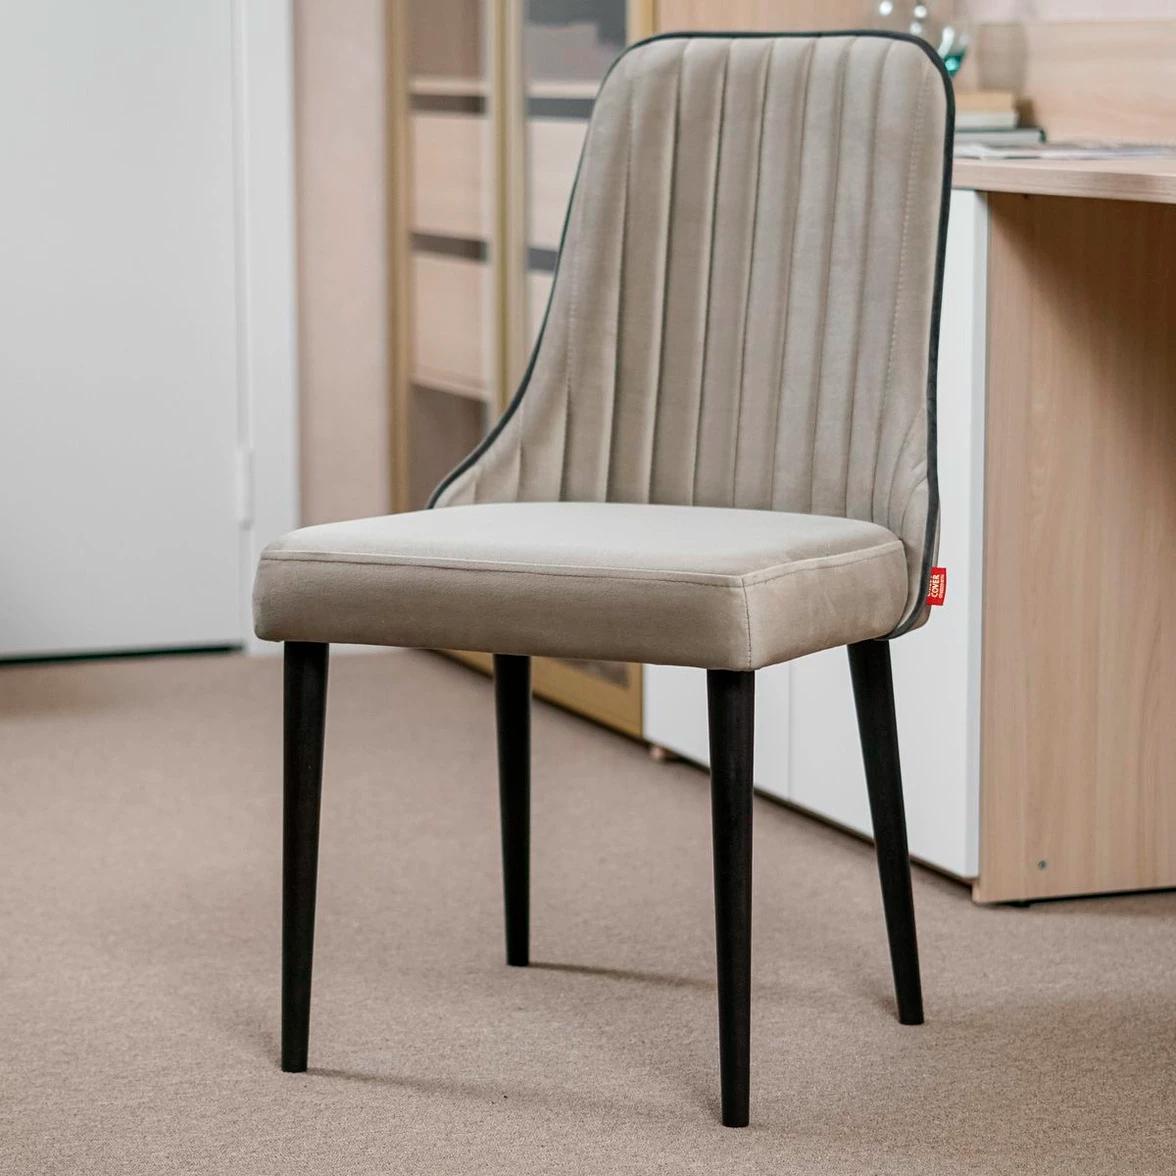 Категория мягких стульев